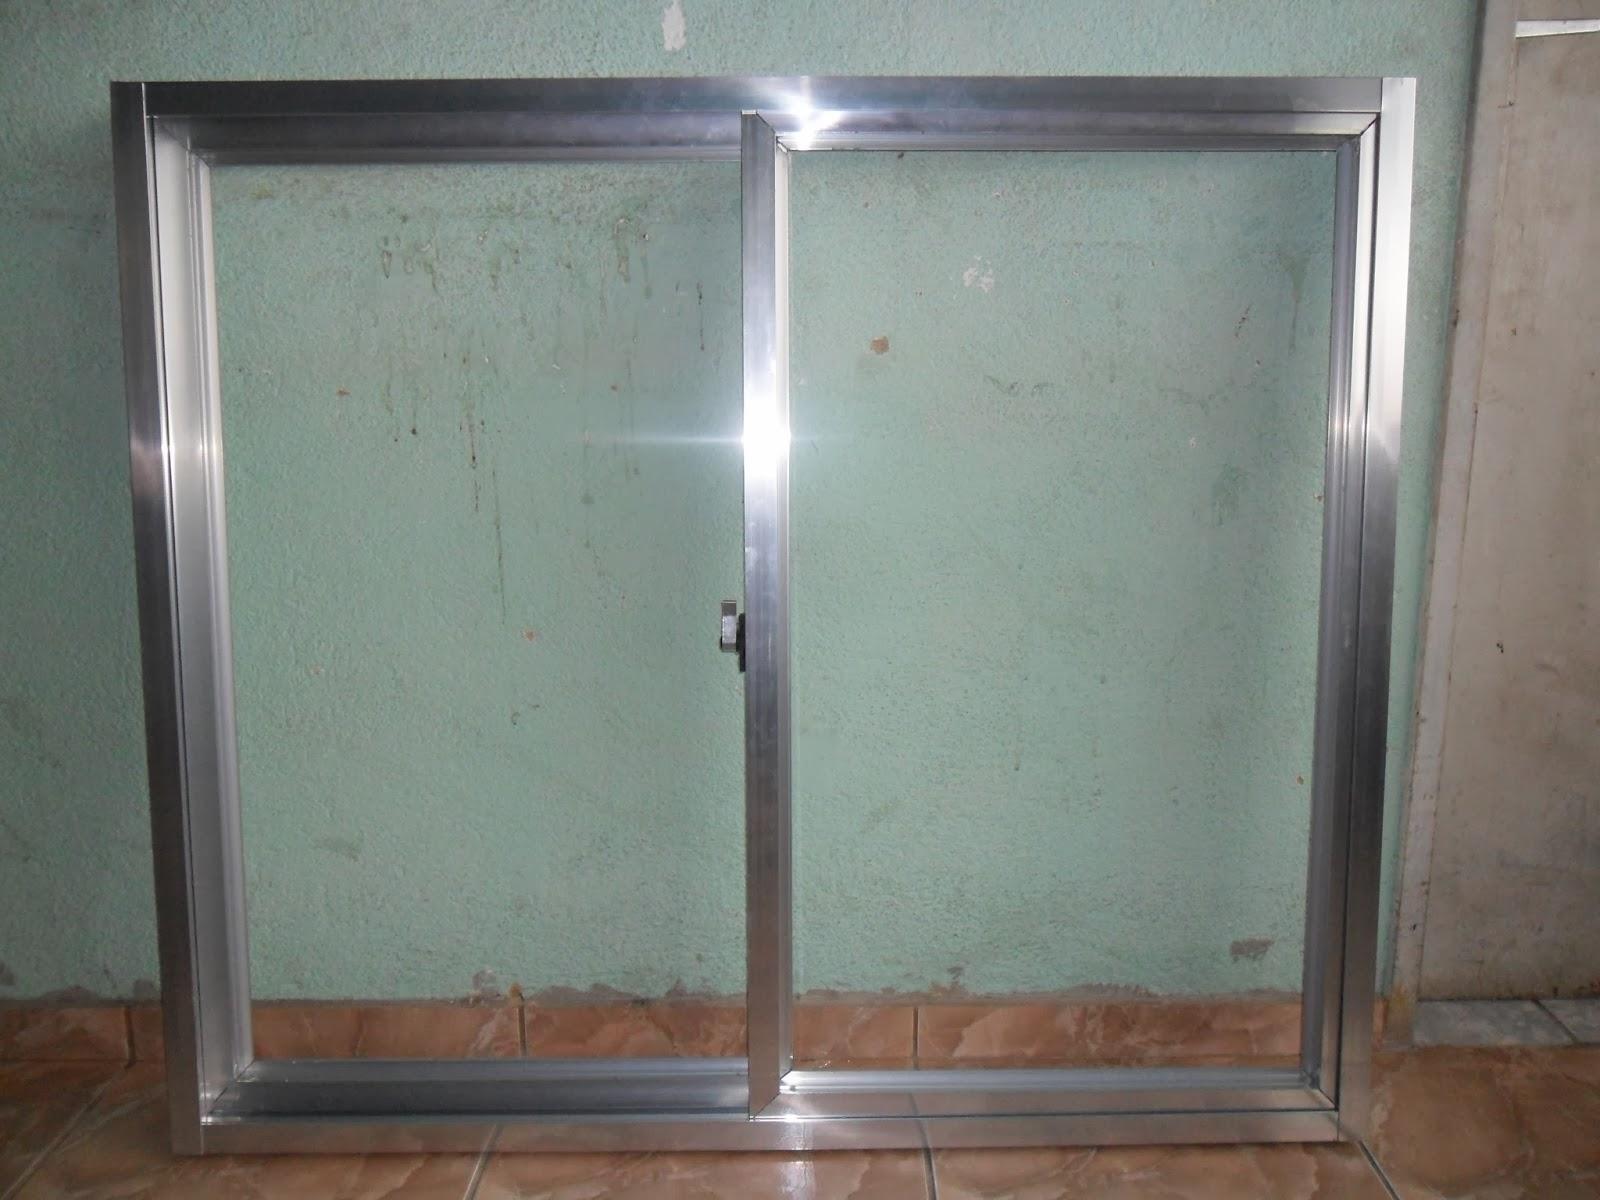 #634B3D DOMINGOS SERRALHEIRO: Janelas de alumínio (serviço realizado) 1958 Janela De Aluminio Uberaba